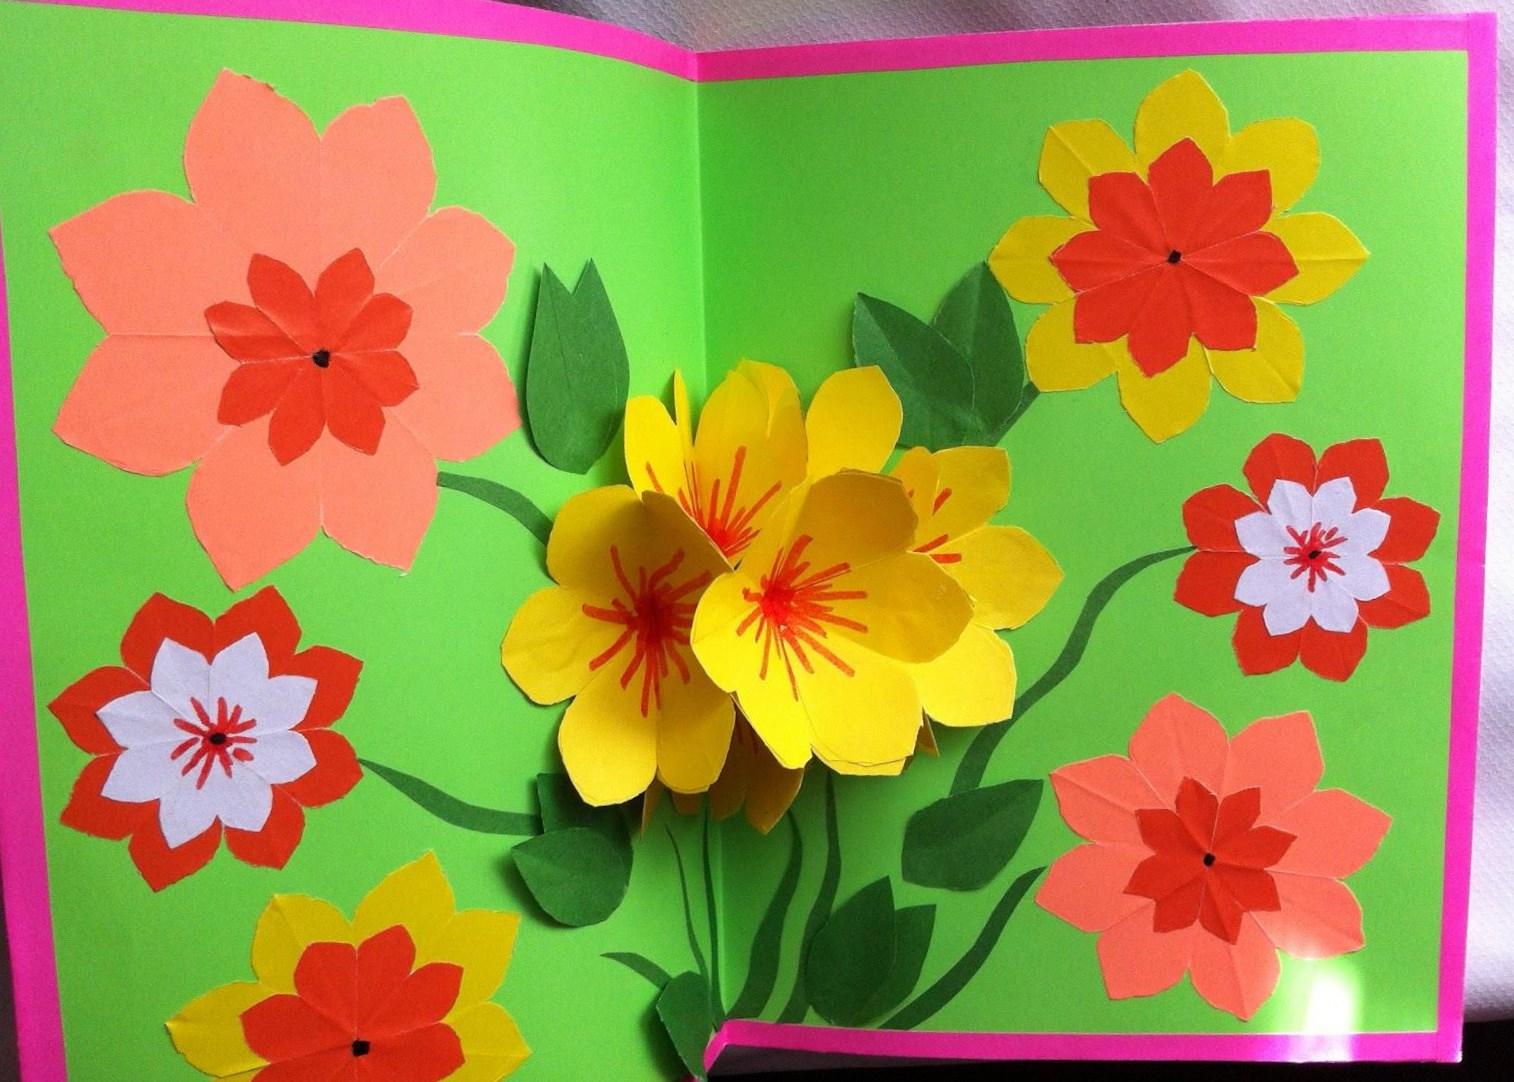 День учителя 2019. поздравления, открытки, стихи с днем учителя